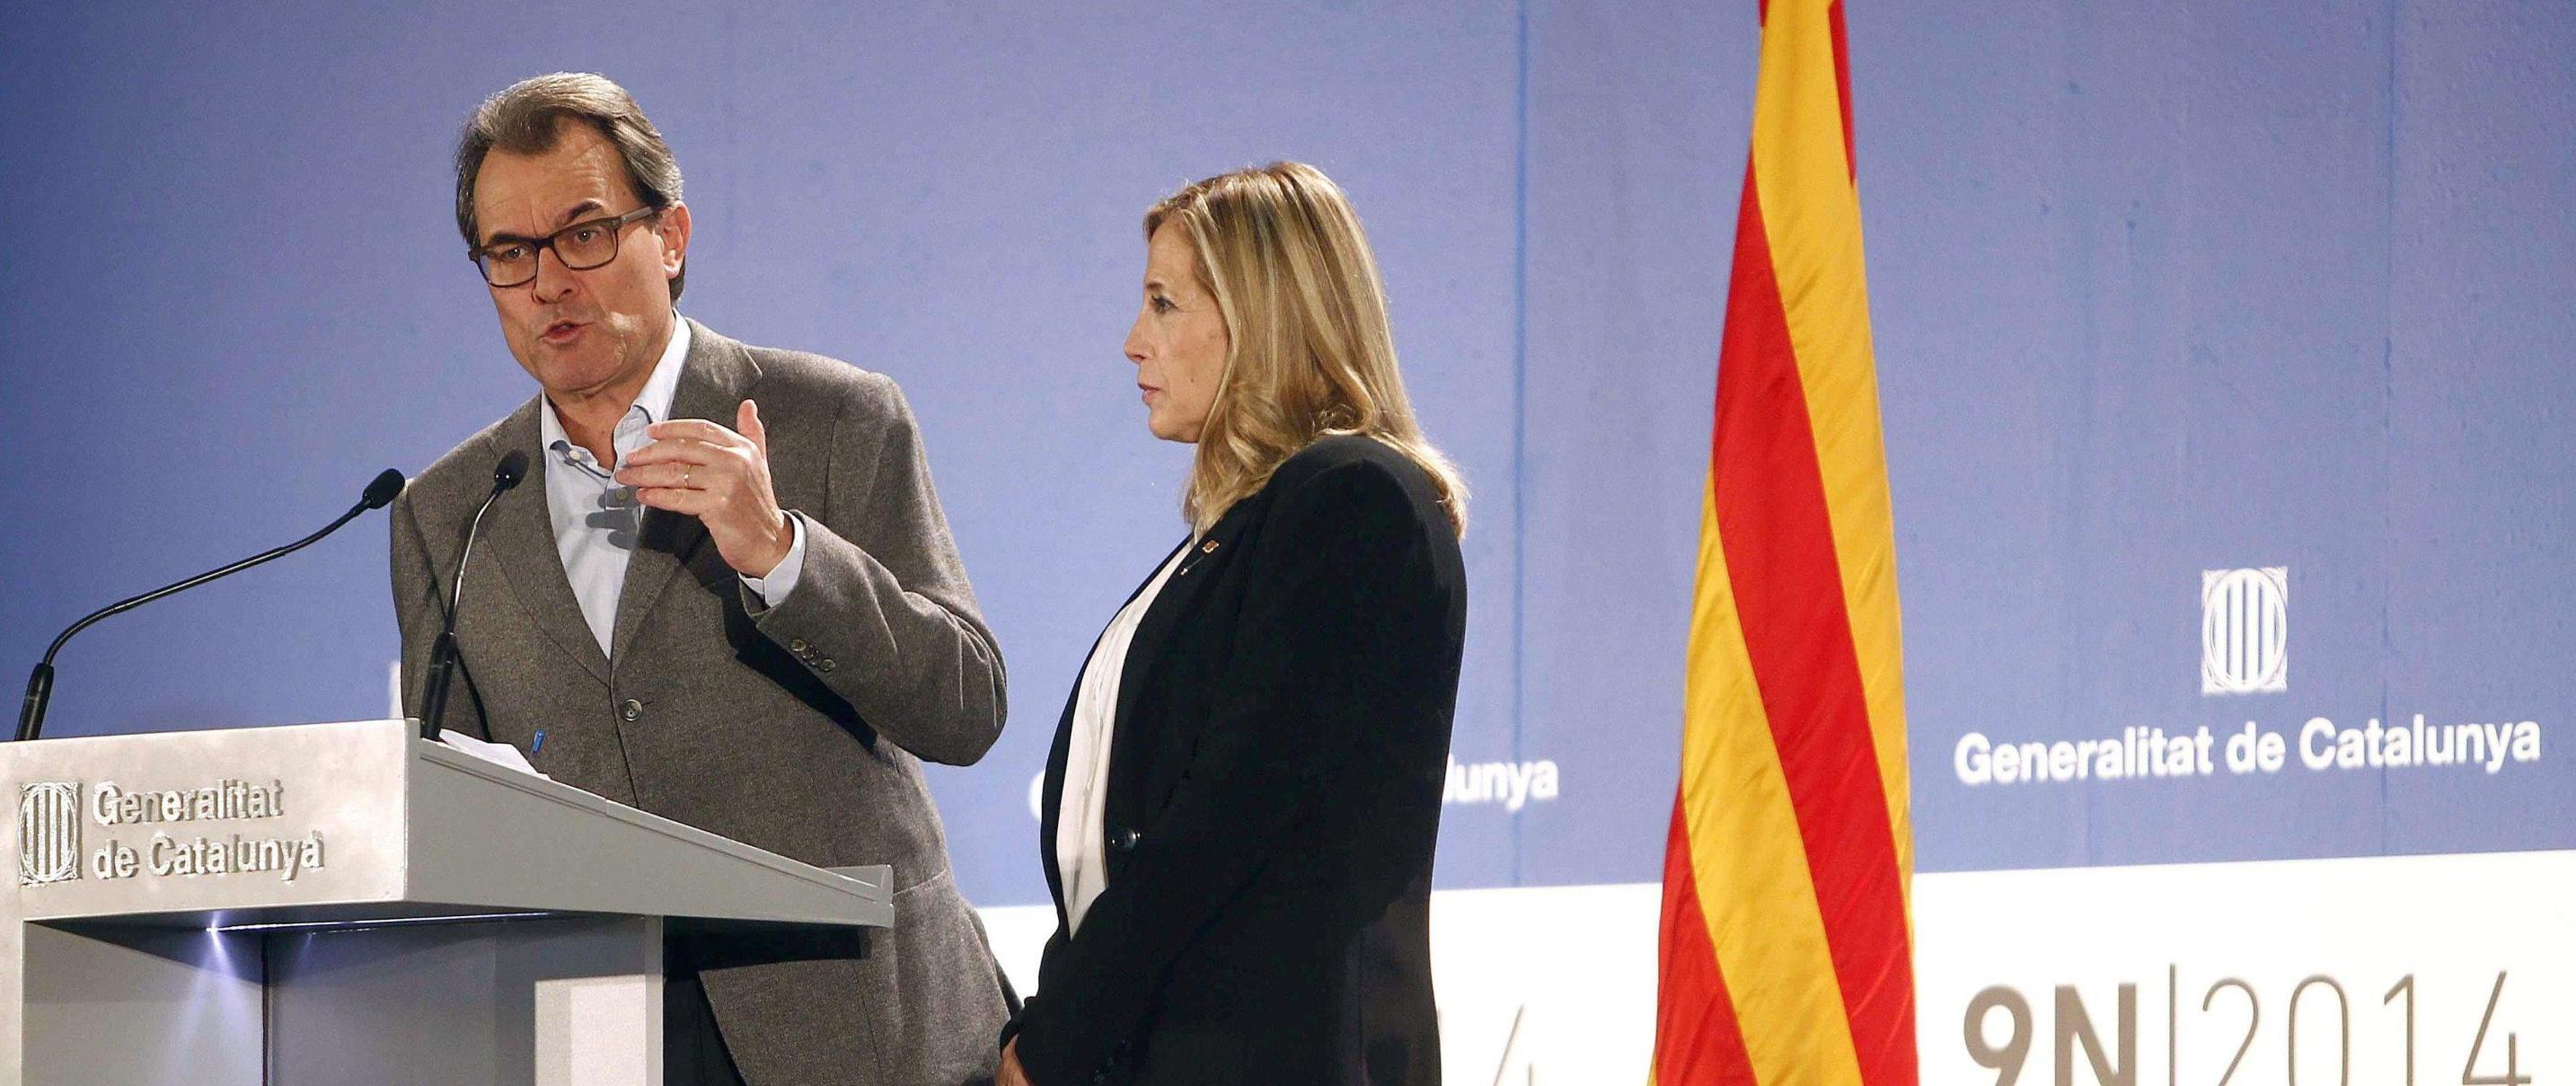 Referendum sull'indipendenza della Catalogna